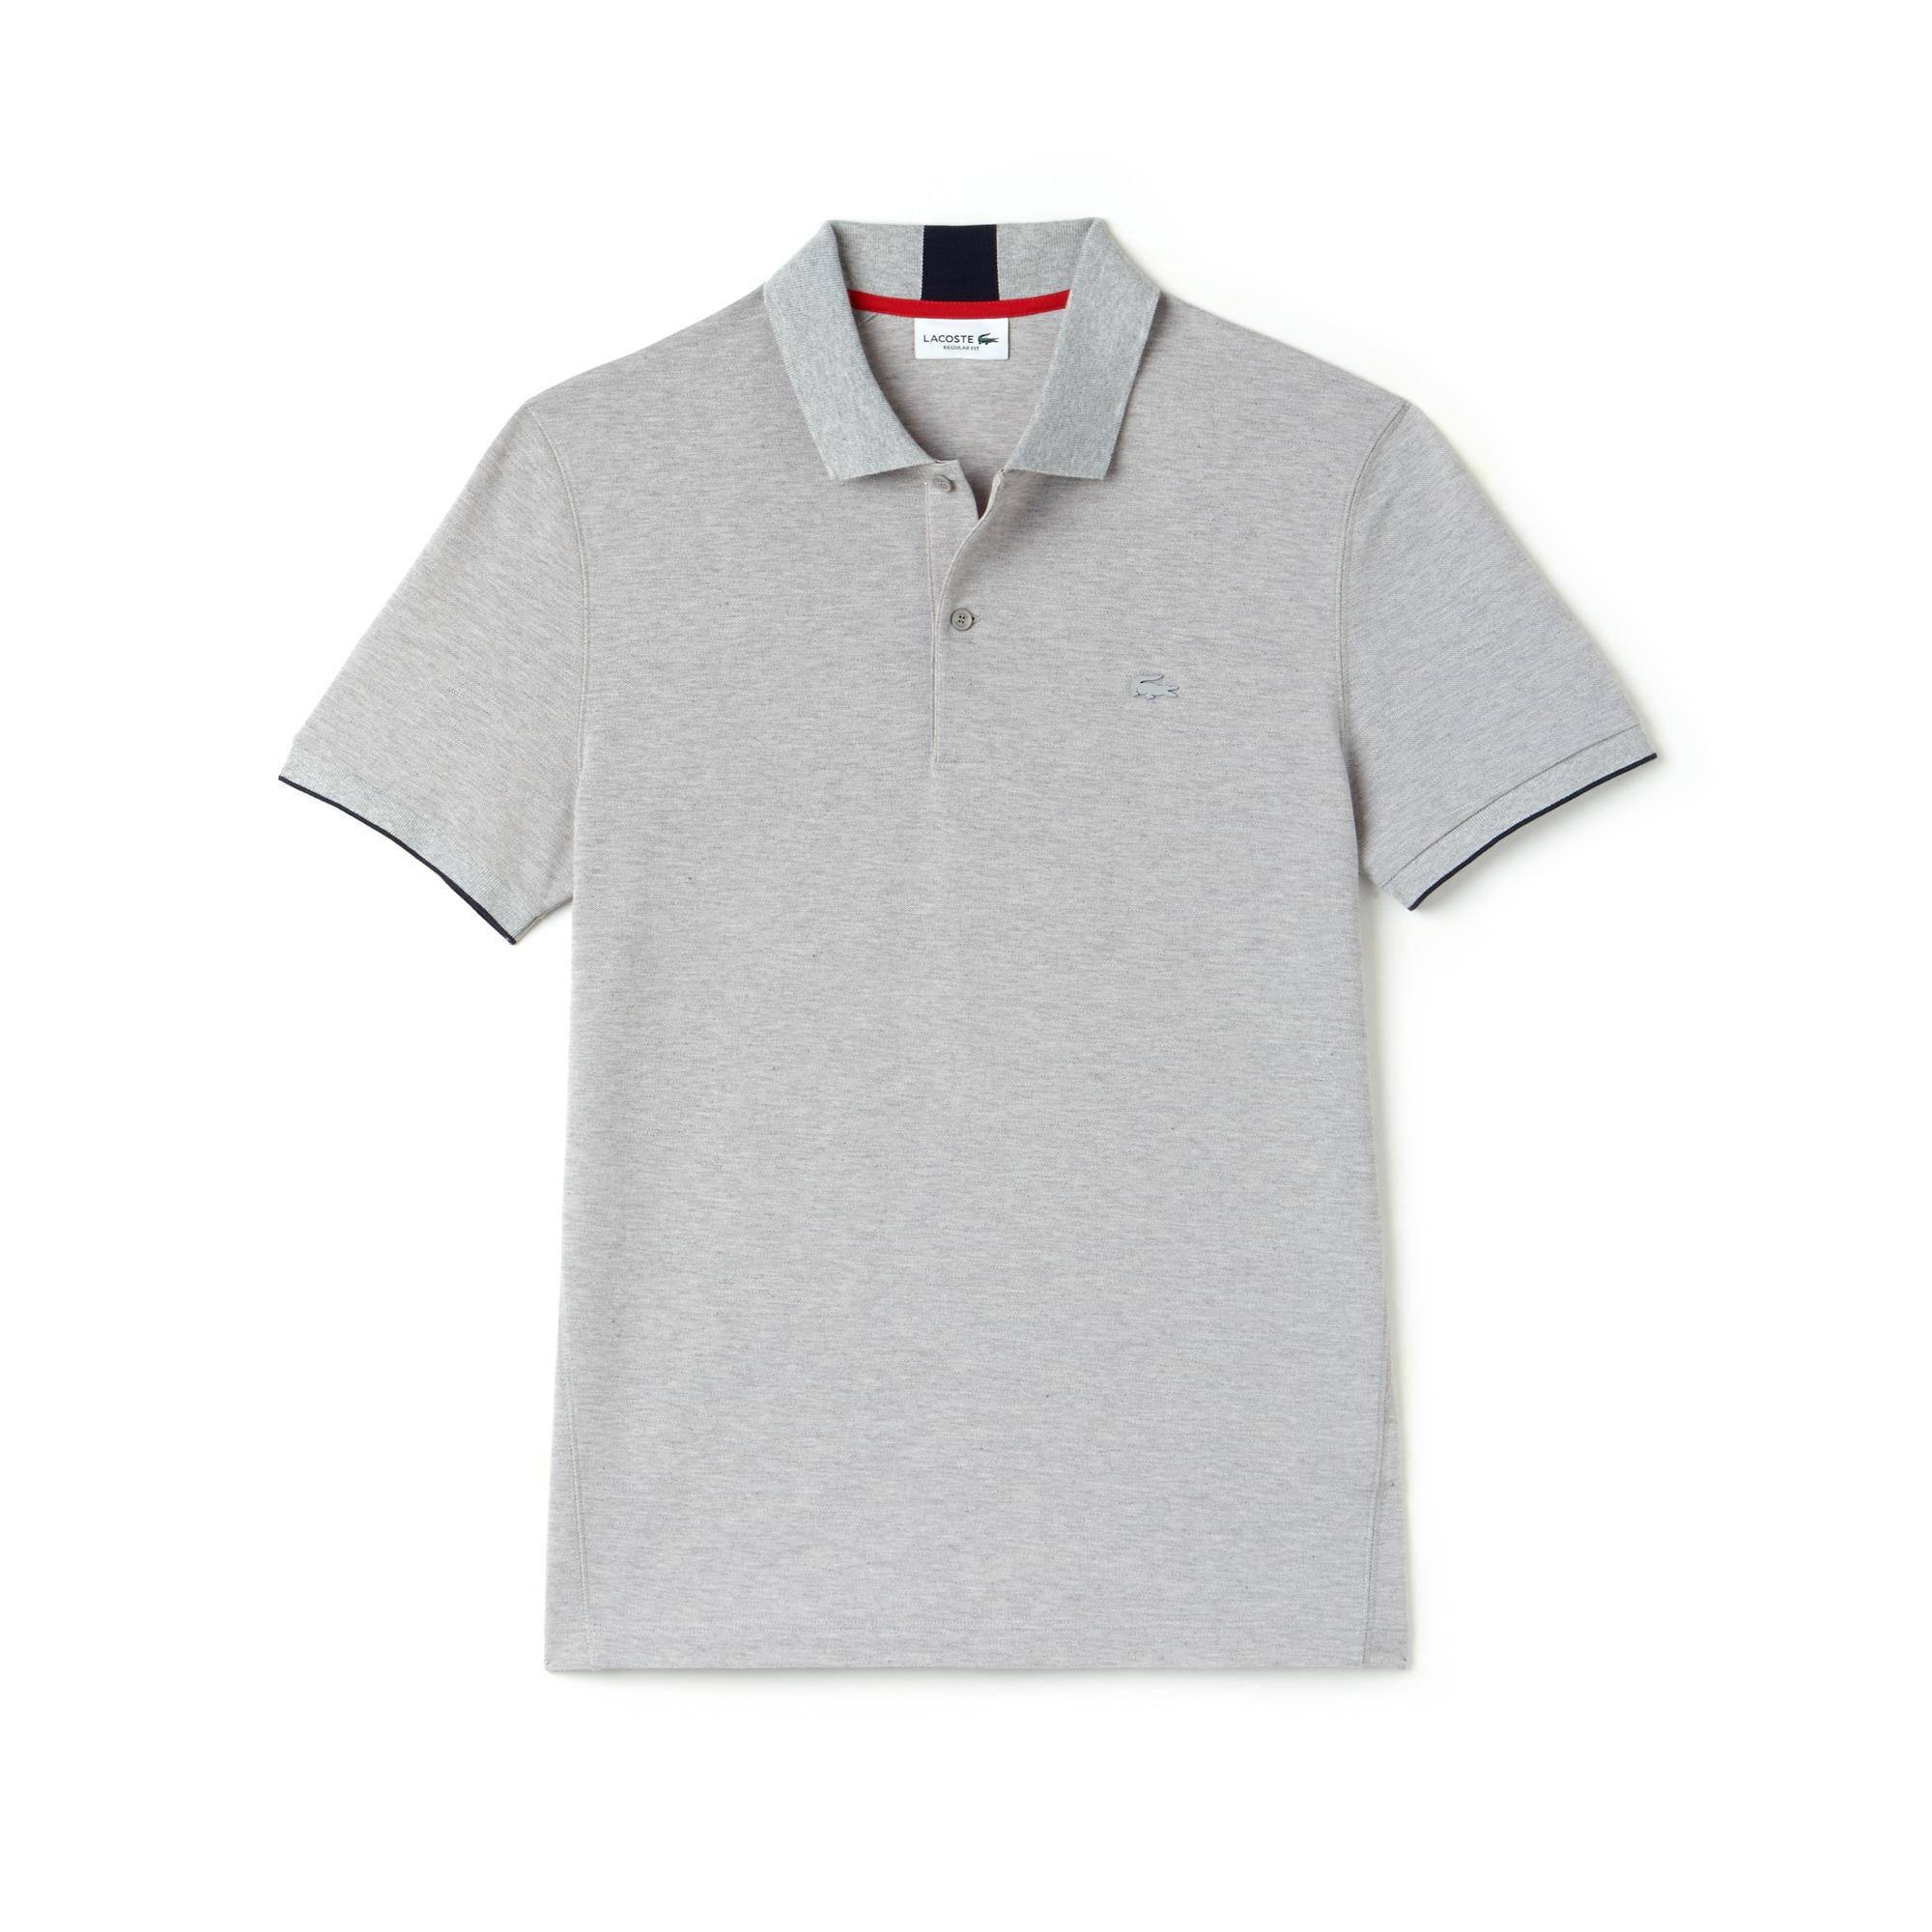 Lacoste Motion系列男士常规版科技小凸纹网眼面料Polo衫